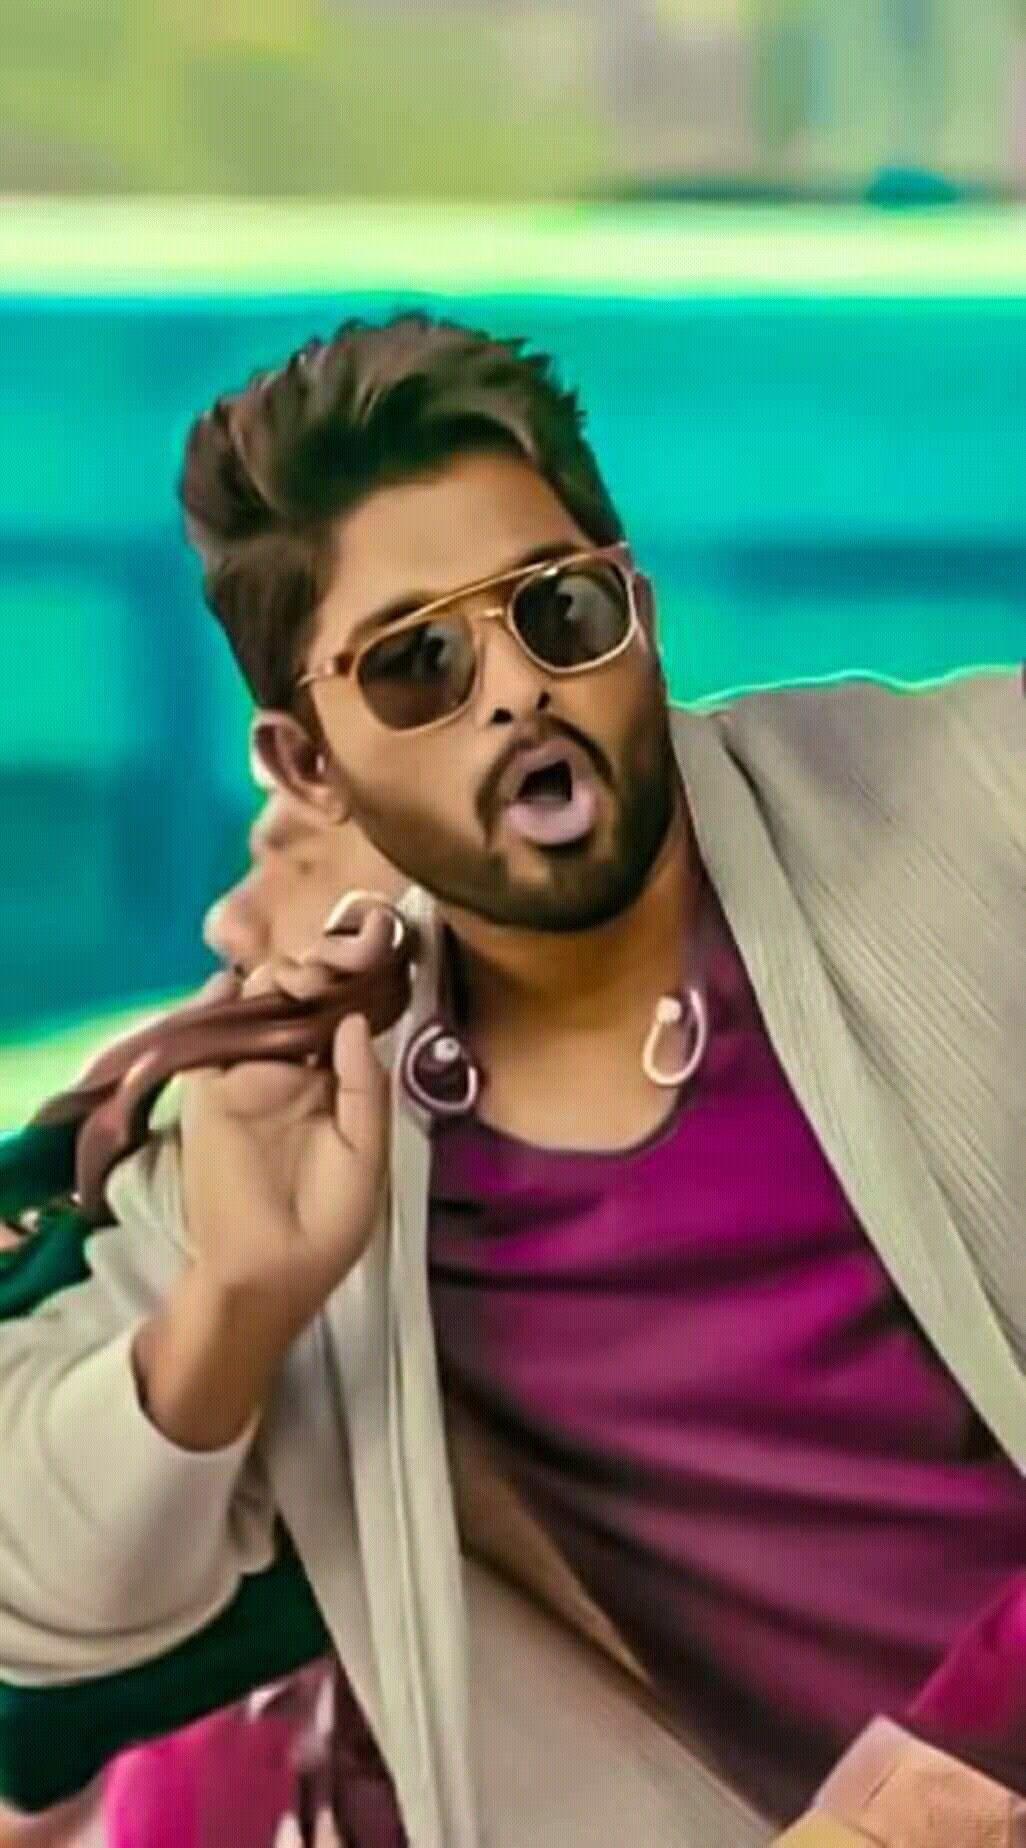 Allu arjun   Allu arjun wallpapers, Dj movie, Prabhas pics